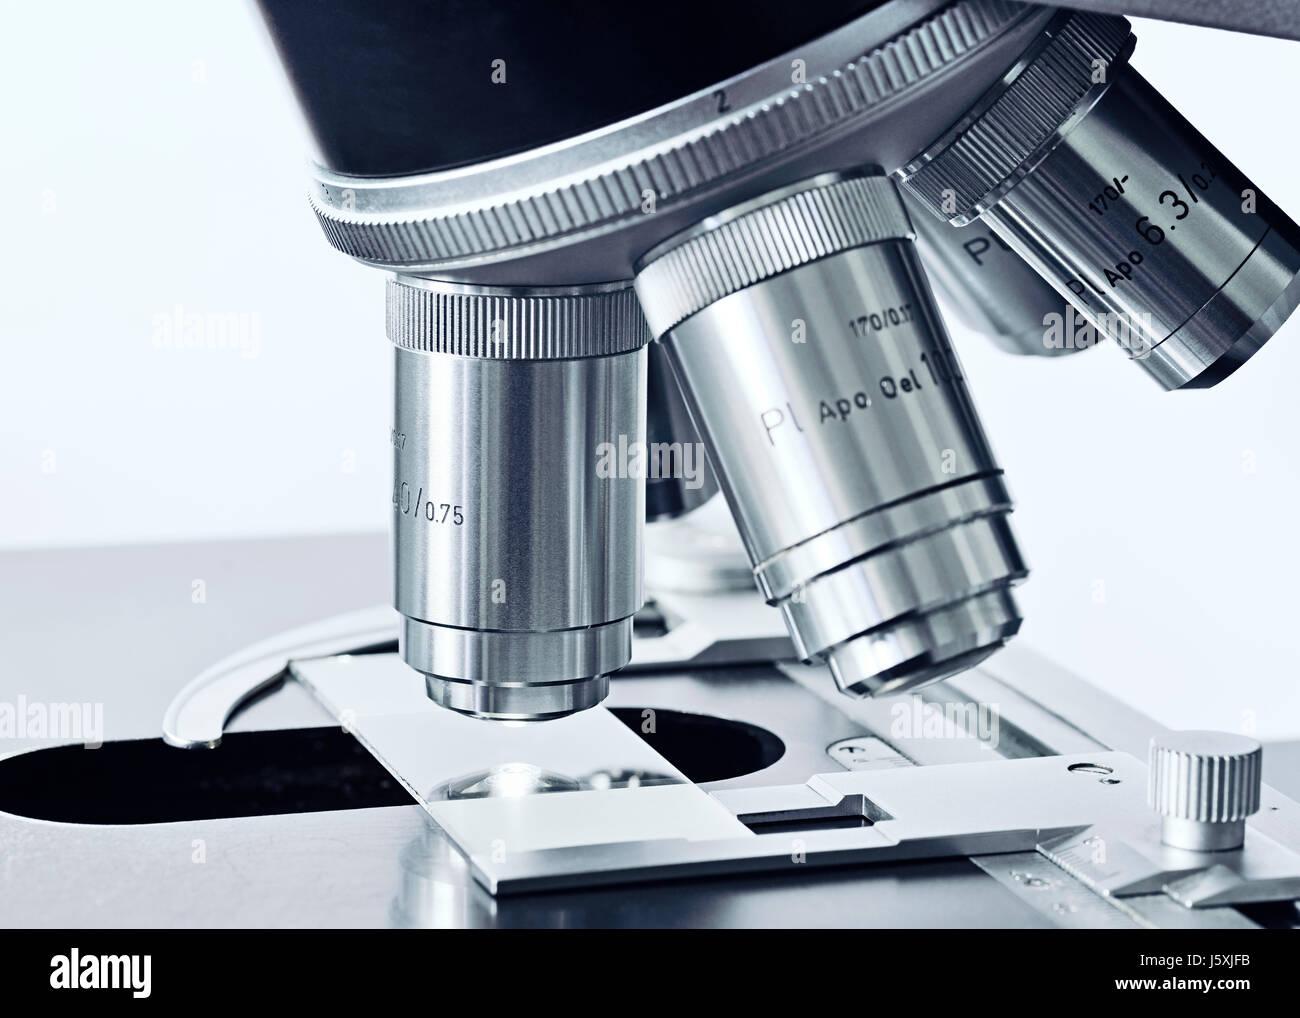 Mikroskop, Nahaufnahme. Stockbild